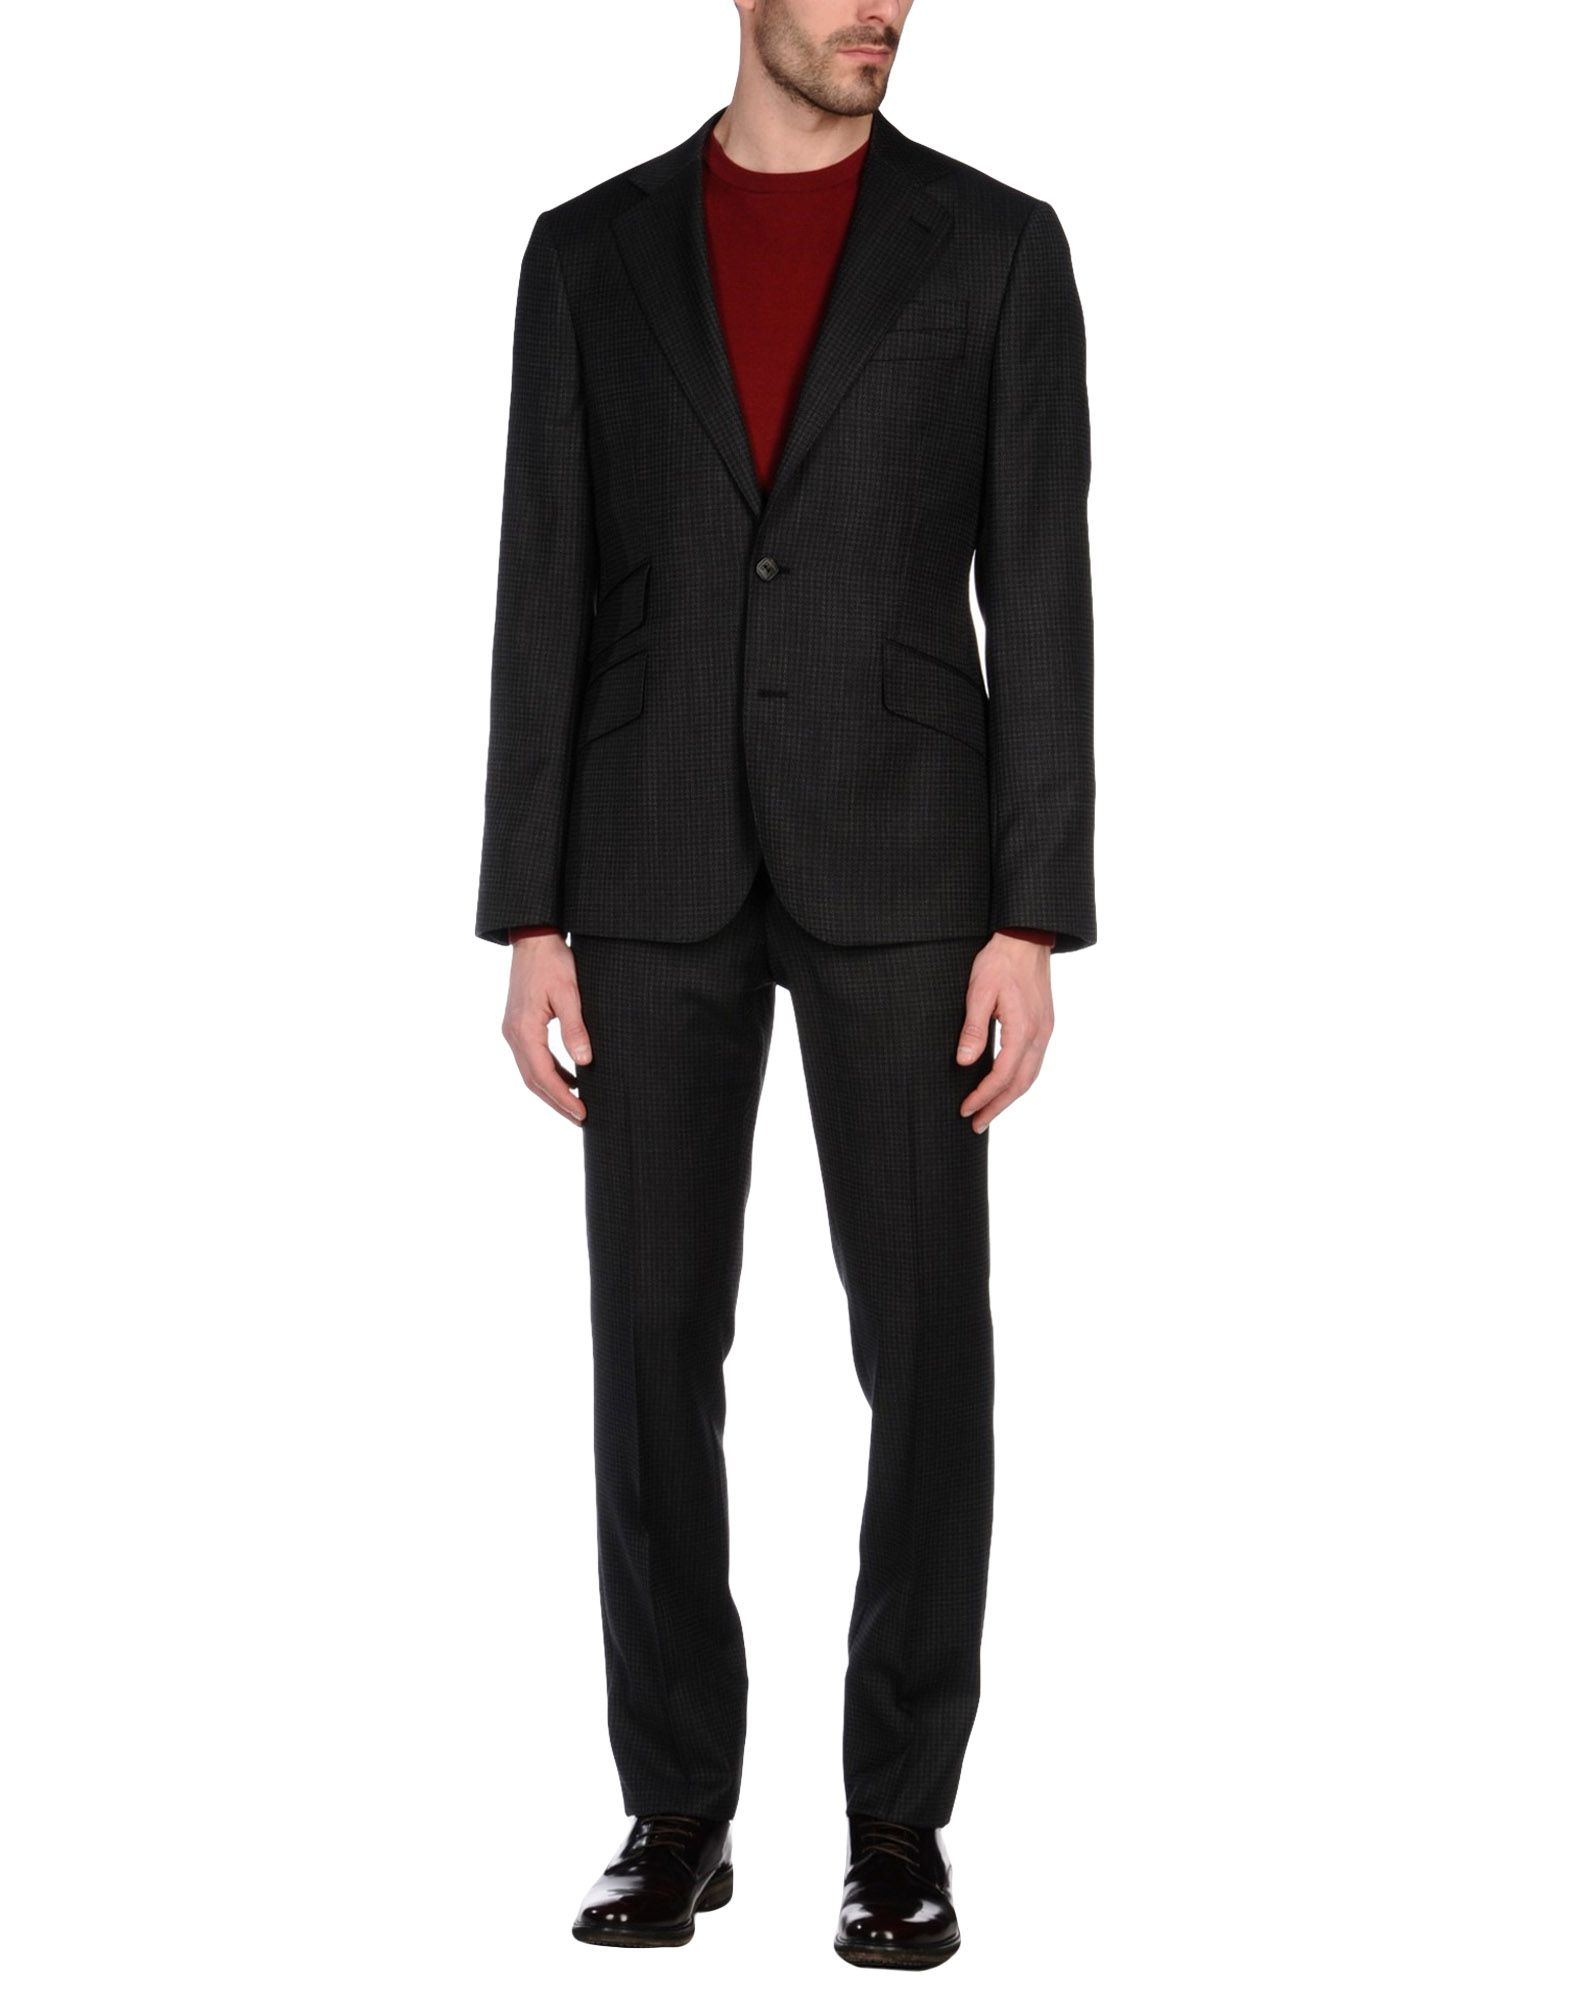 组成: 100% 羊毛 细节: 精纺羊毛, 无装饰, 西装领, 单排扣, 双色